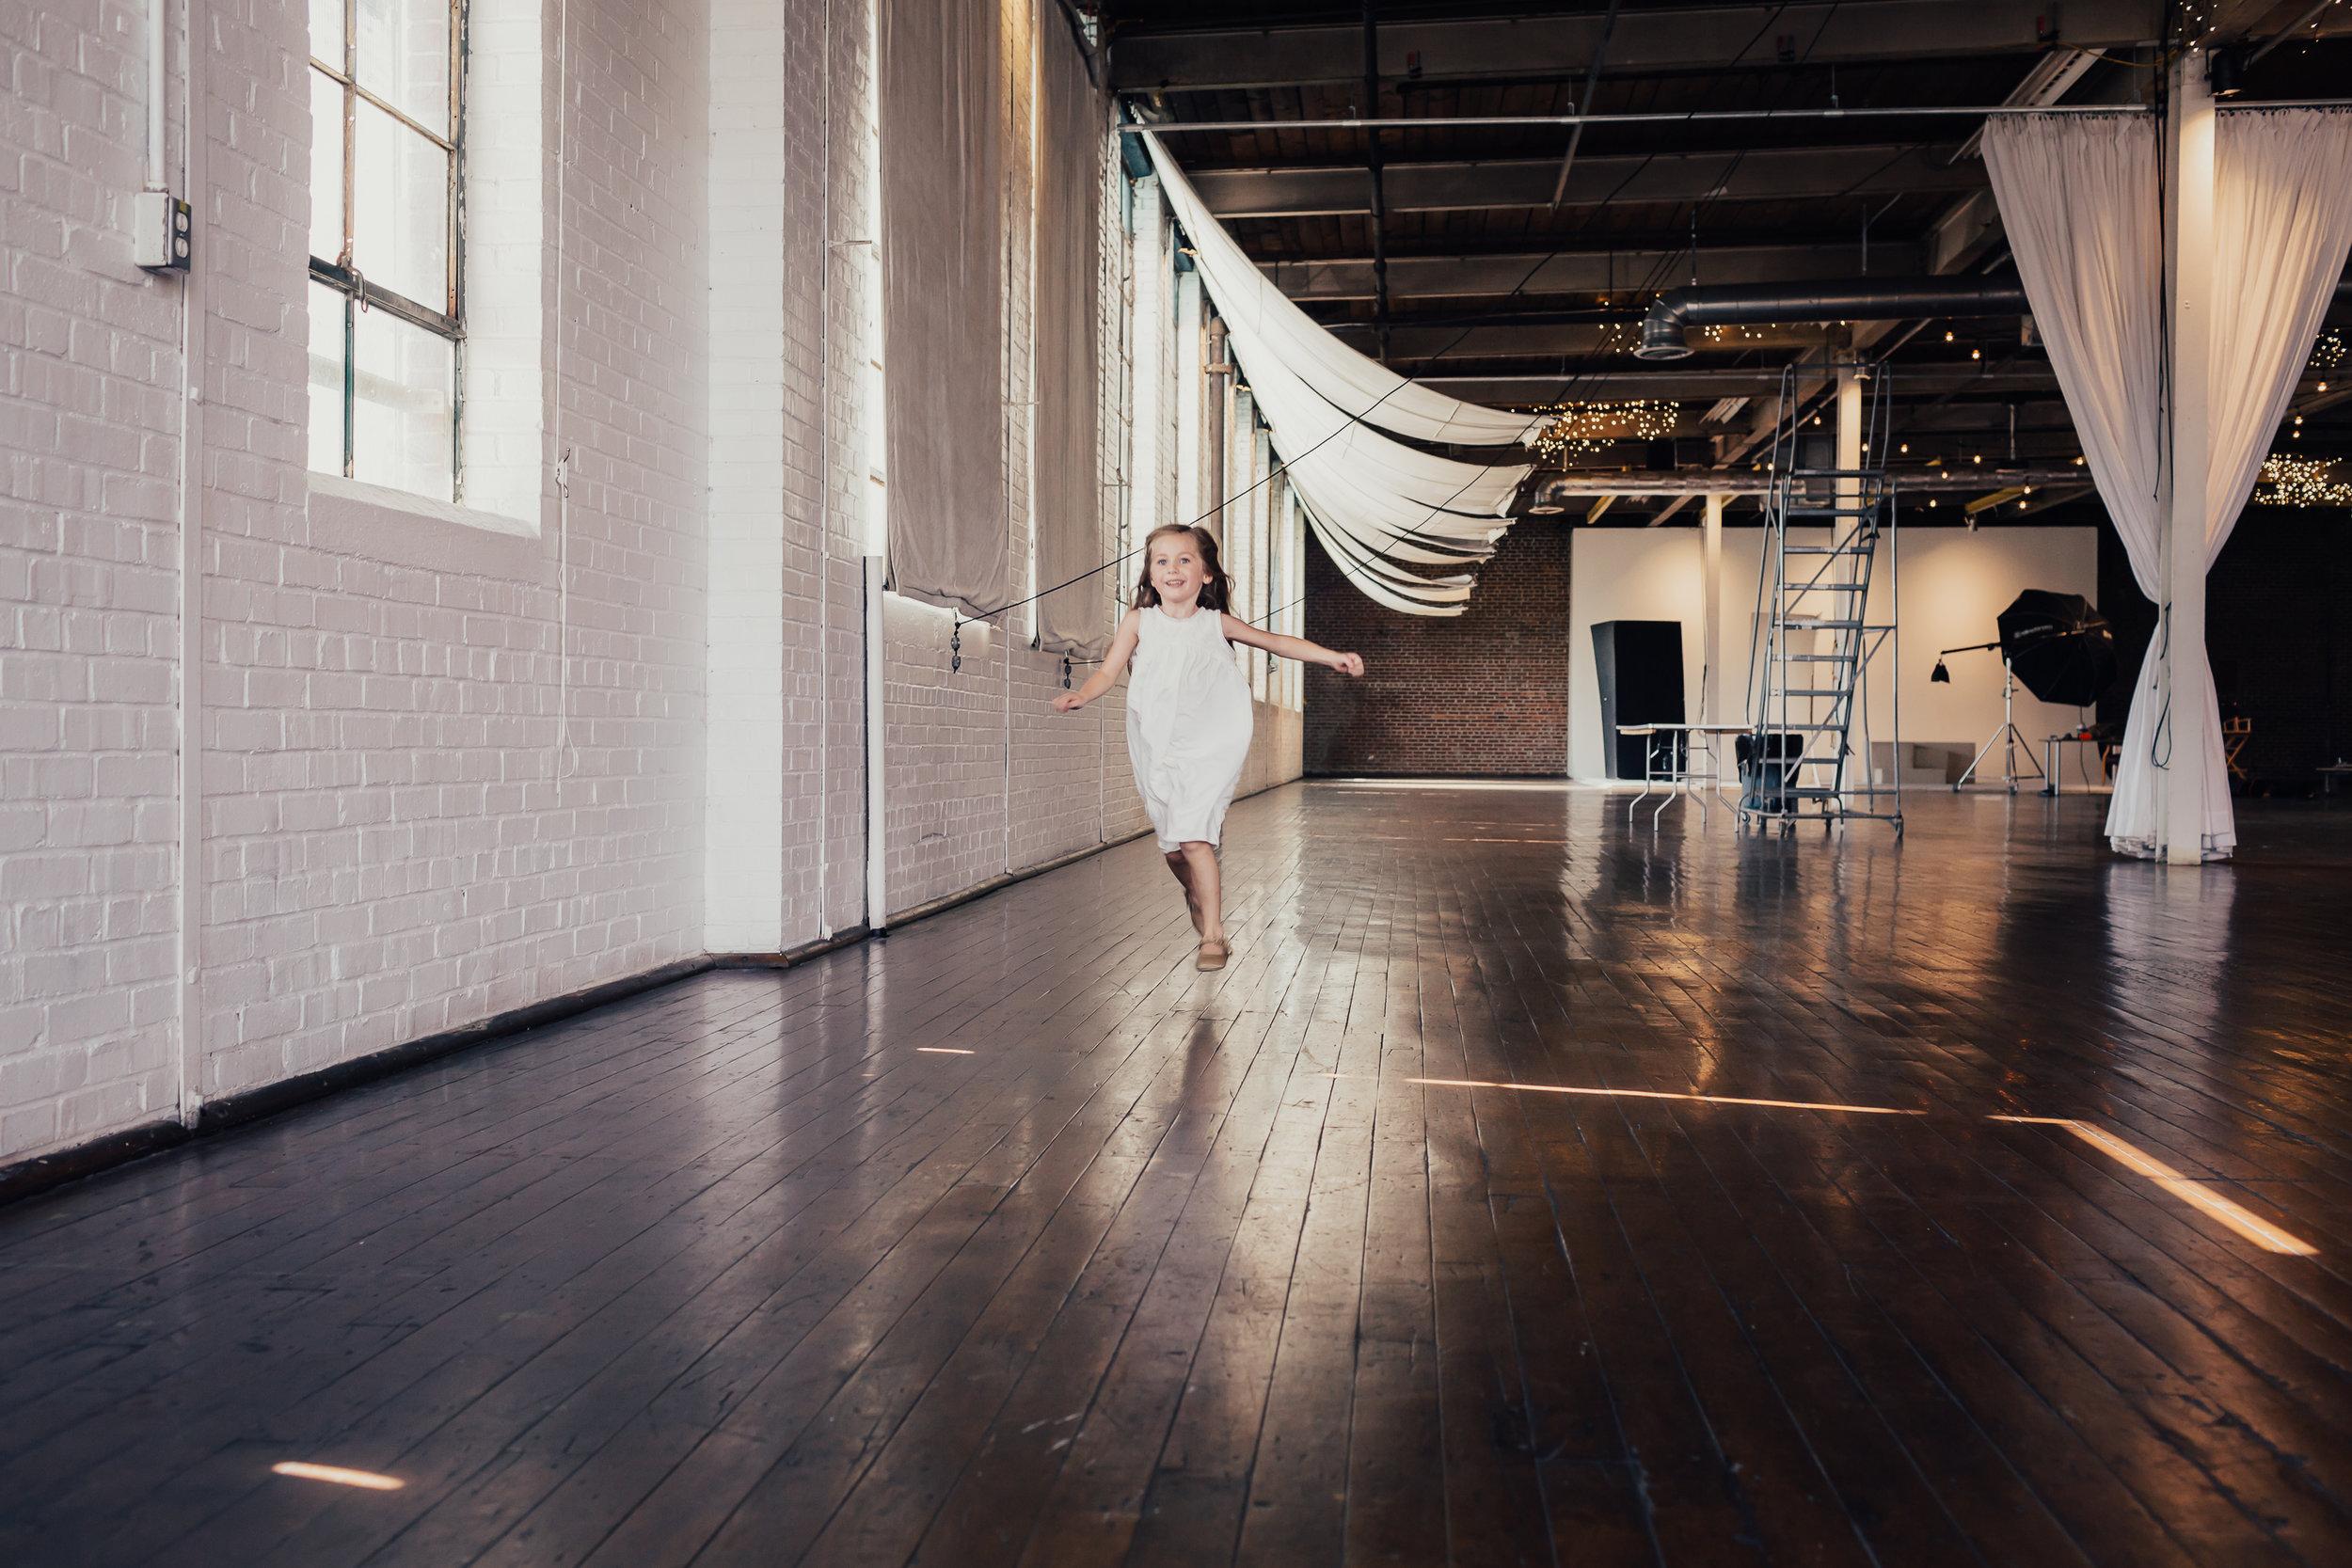 Gianna Keiko Atlanta Family Studio Portrait Photographer-16.jpg